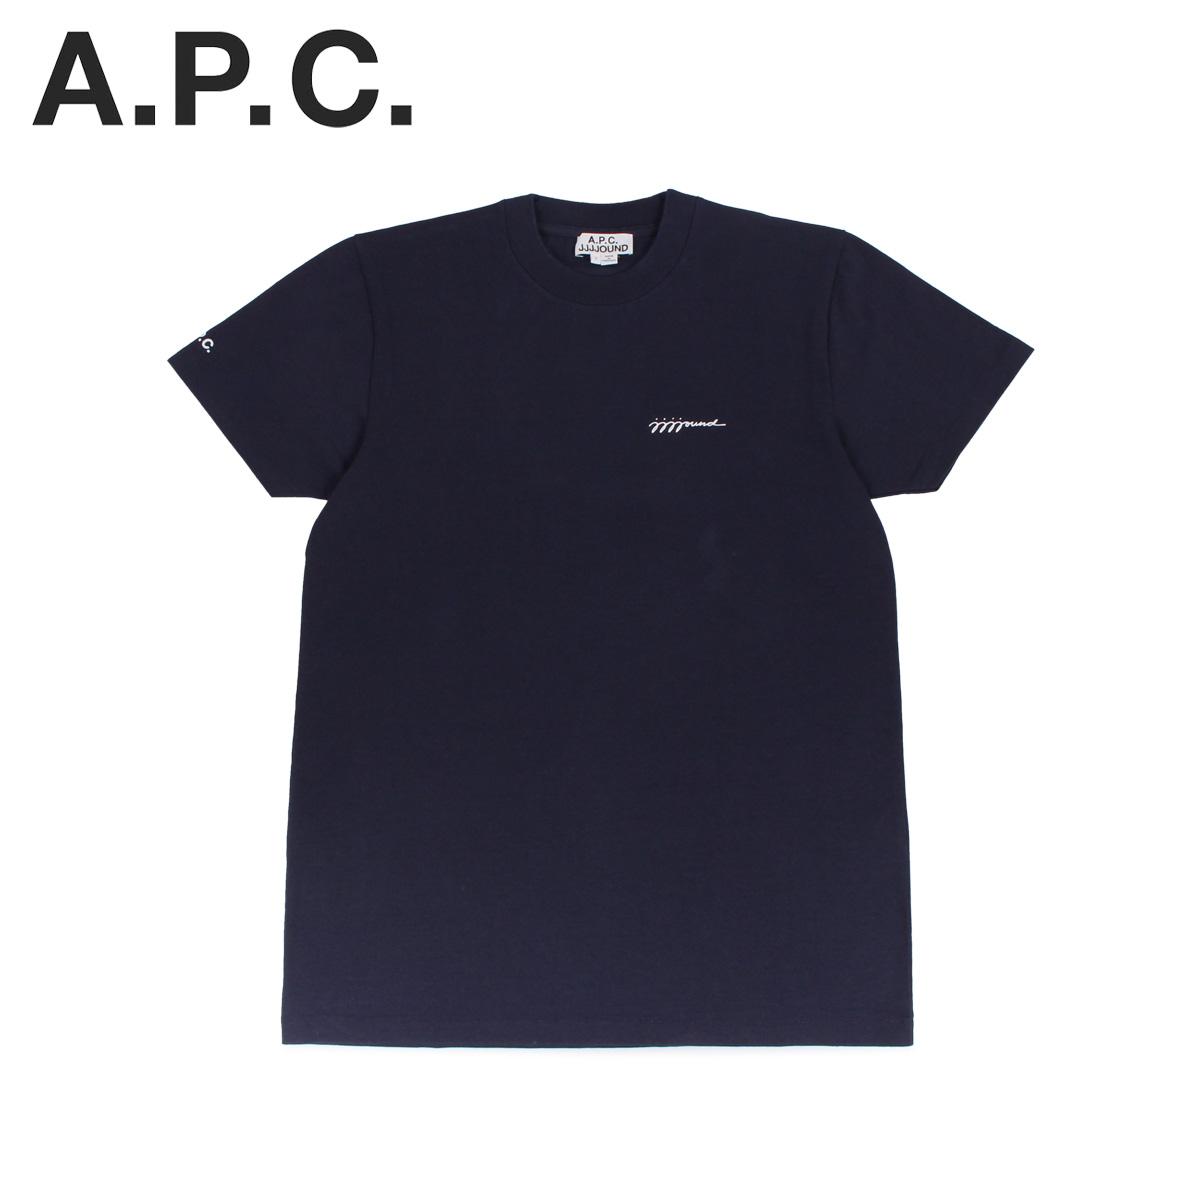 アーペーセー ジョウンド A.P.C. JJJJound Tシャツ 半袖 ロゴ カットソー メンズ コラボ T-SHIRT JJJJOUND ネイビー COEAV-H26851